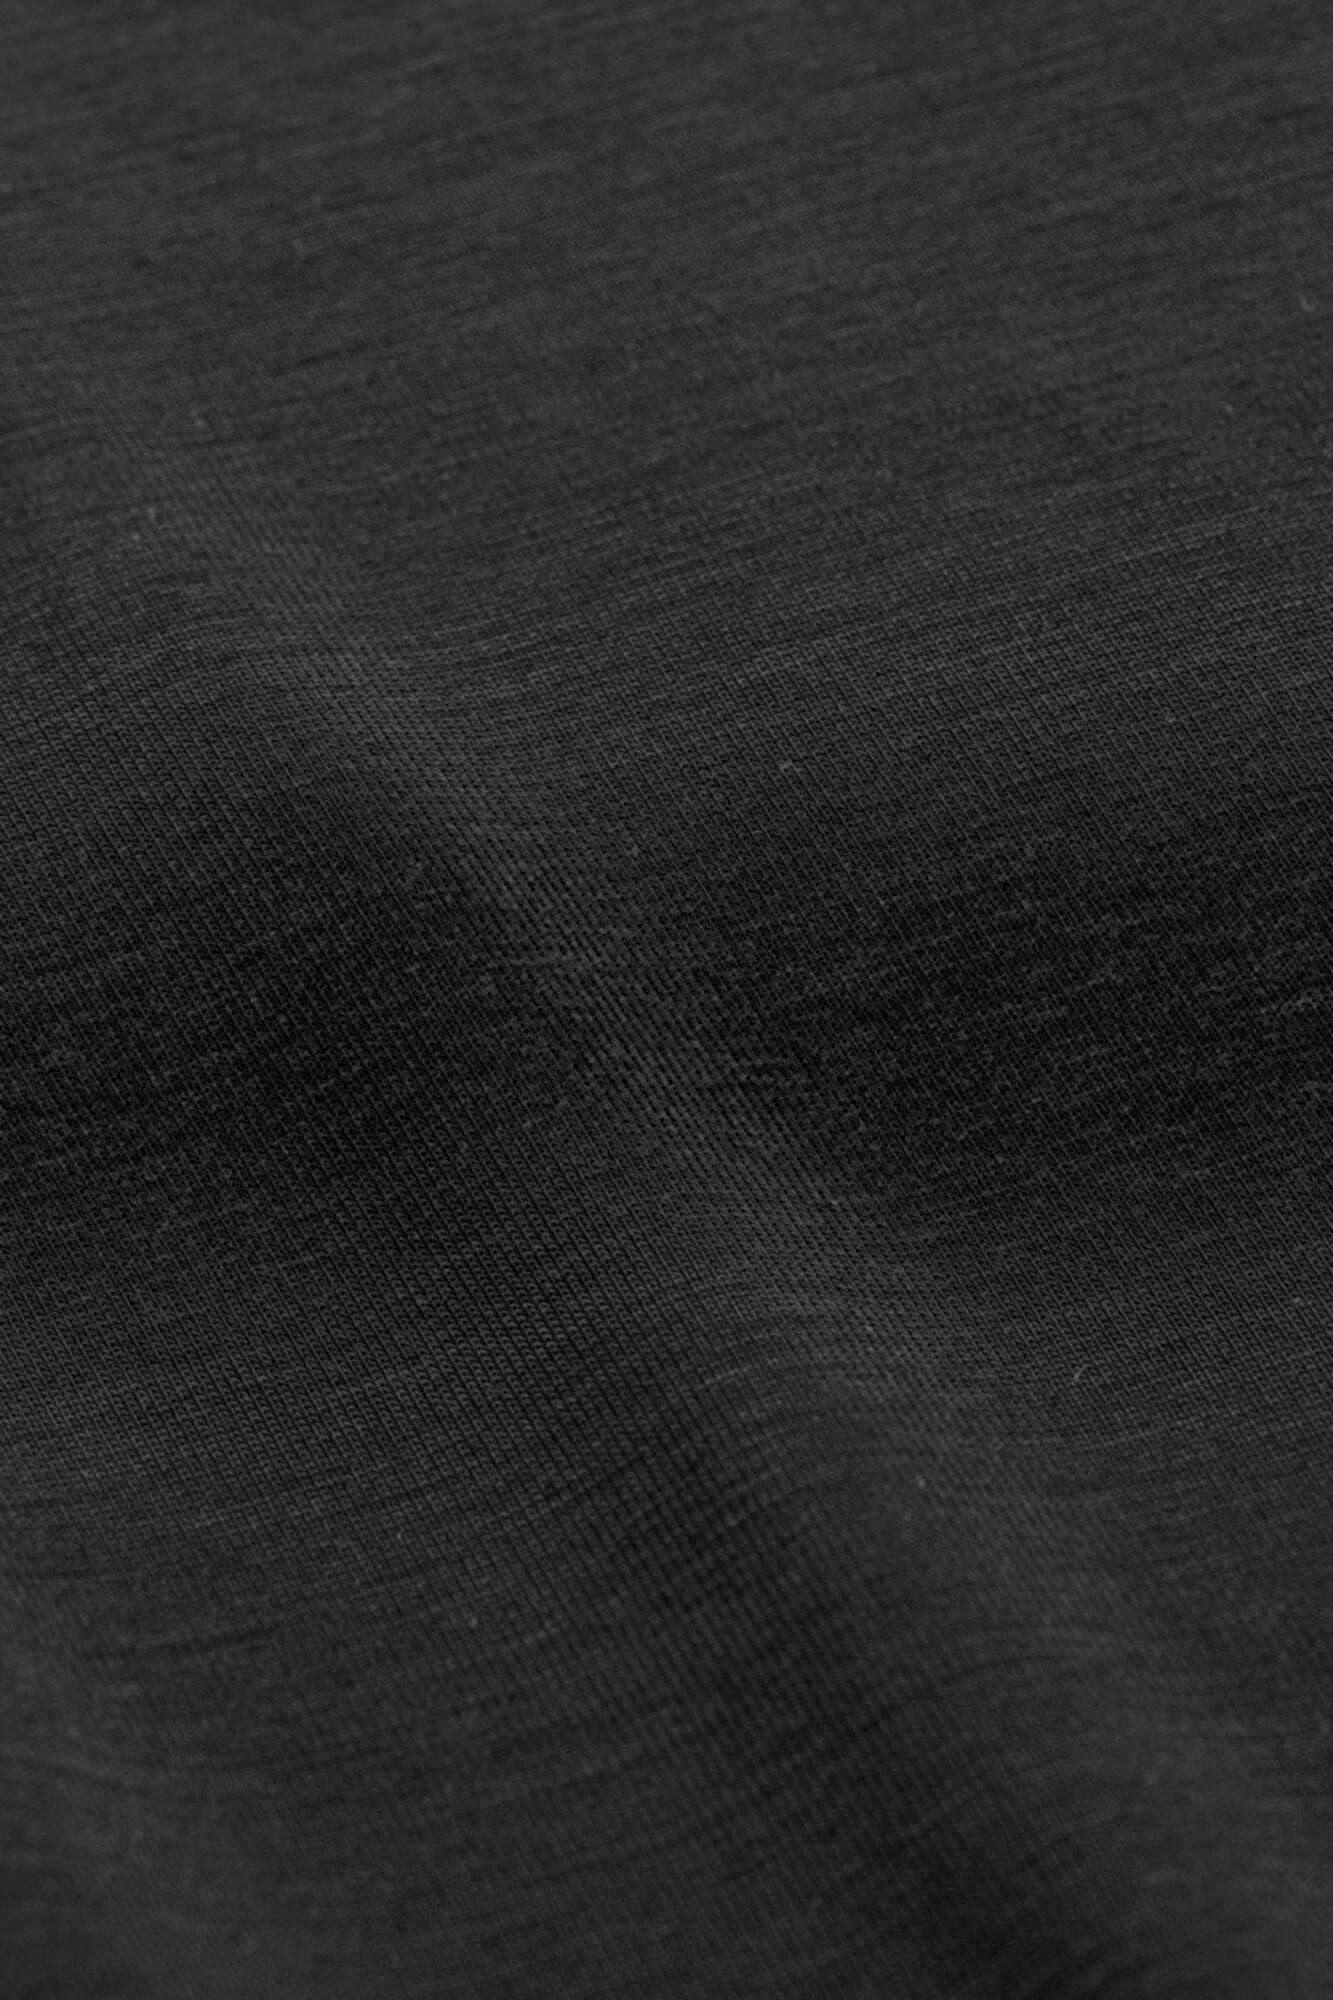 BADISNA SHIRT, Black, hi-res